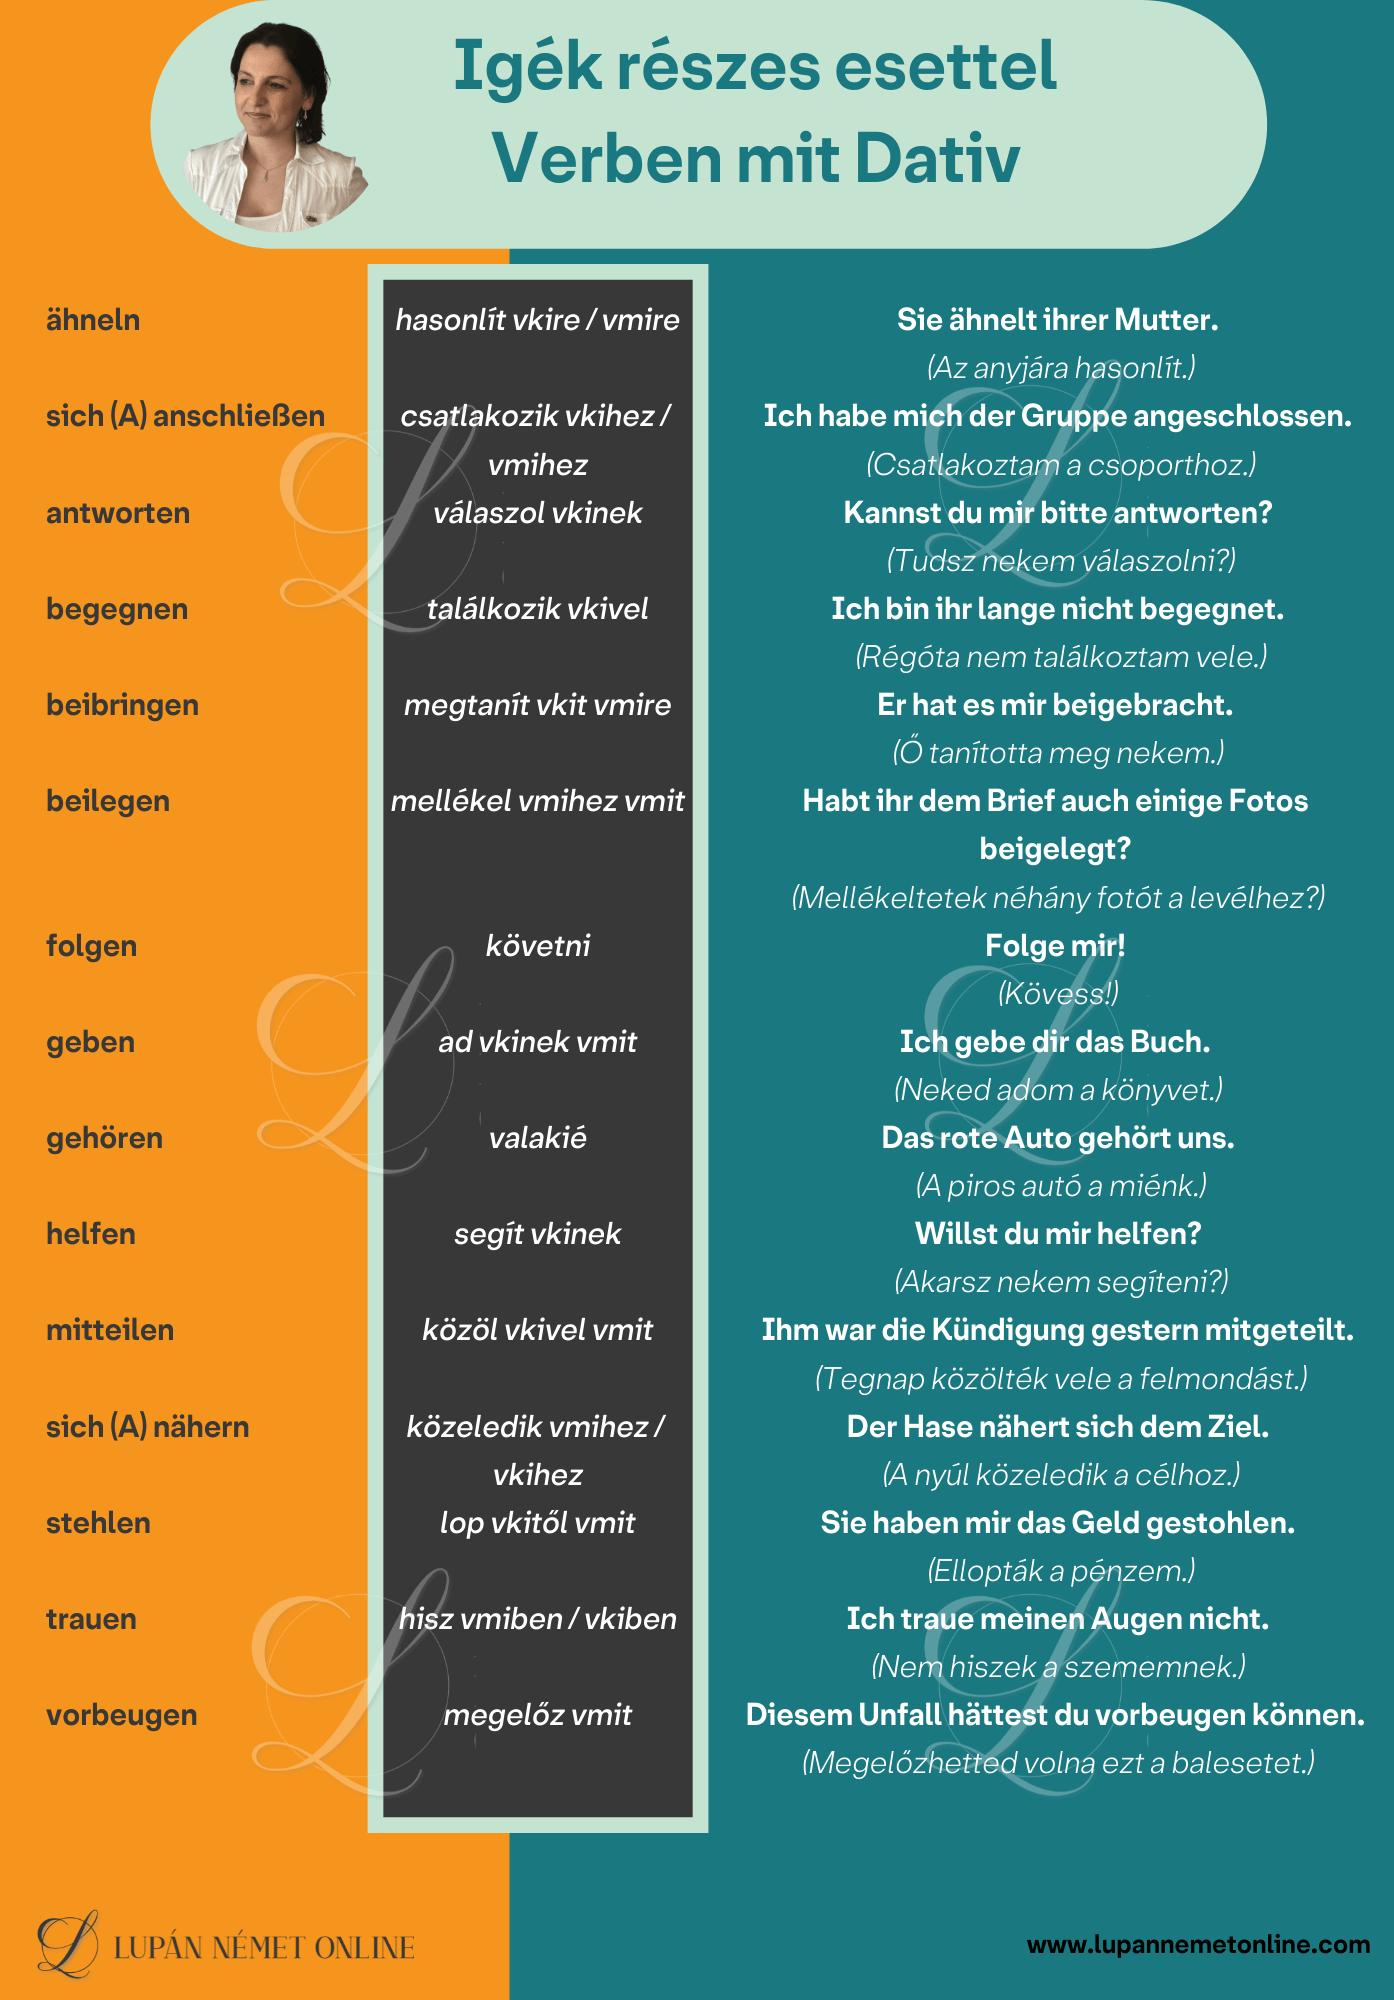 Verben Mit Dativ masolata 1